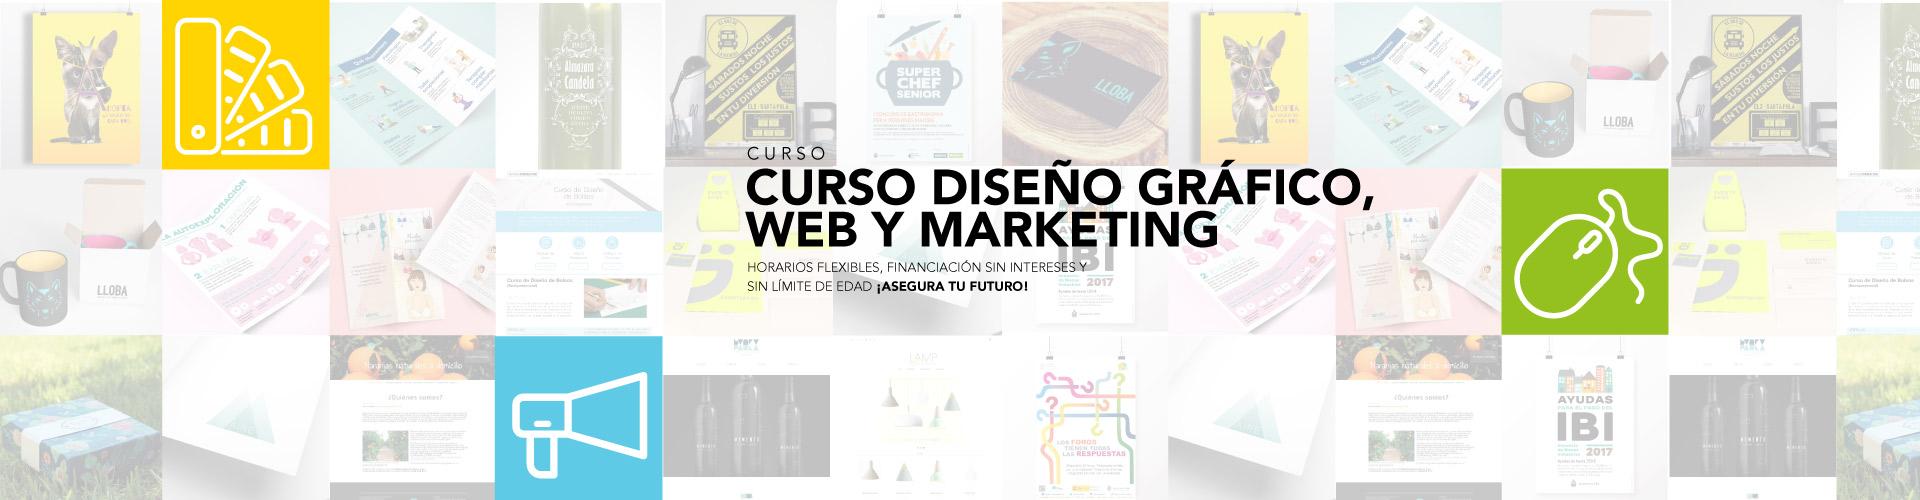 Escuela de dise o gr fico web calzado y marketing online for Diseno grafico escuelas